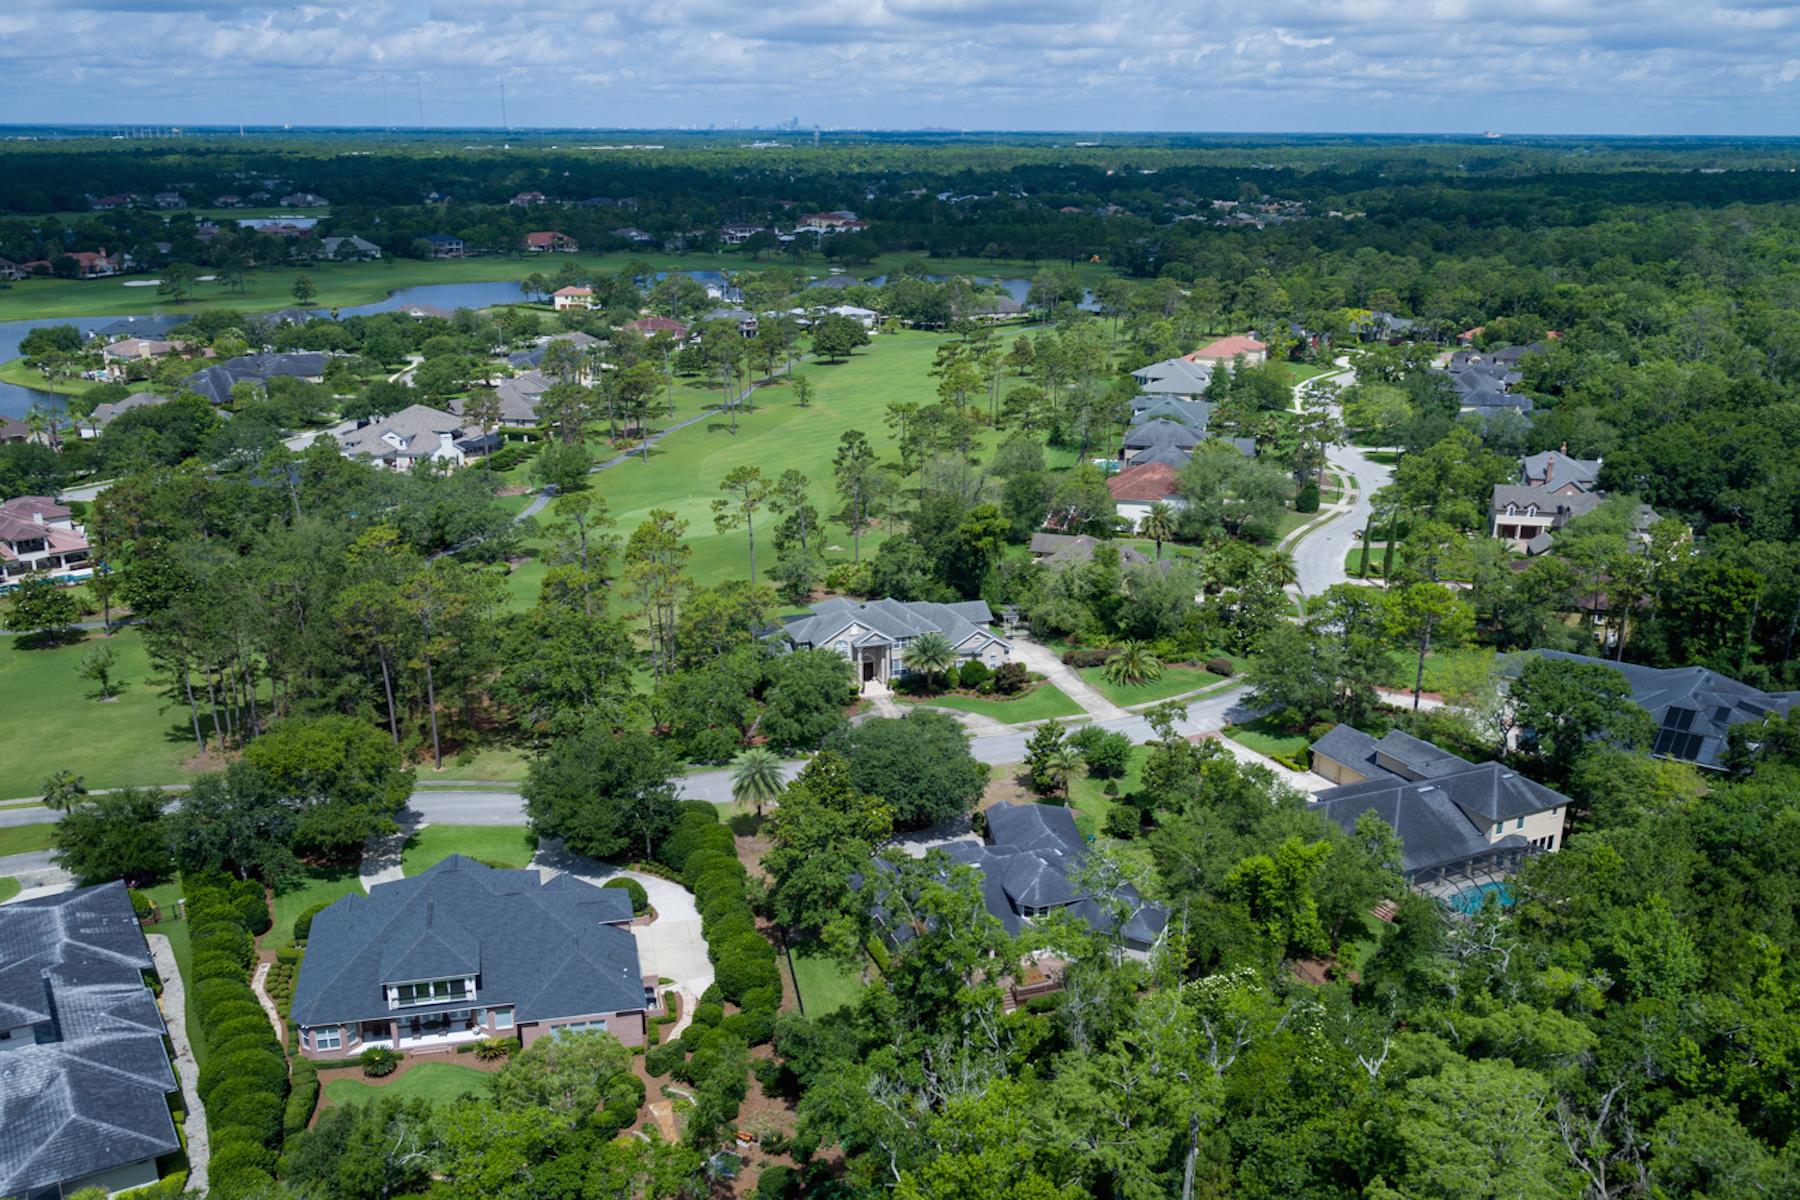 Maison unifamiliale pour l Vente à Glen Kernan Beauty 4473 Swilcan Bridge Lane North Jacksonville, Florida 32224 États-Unis